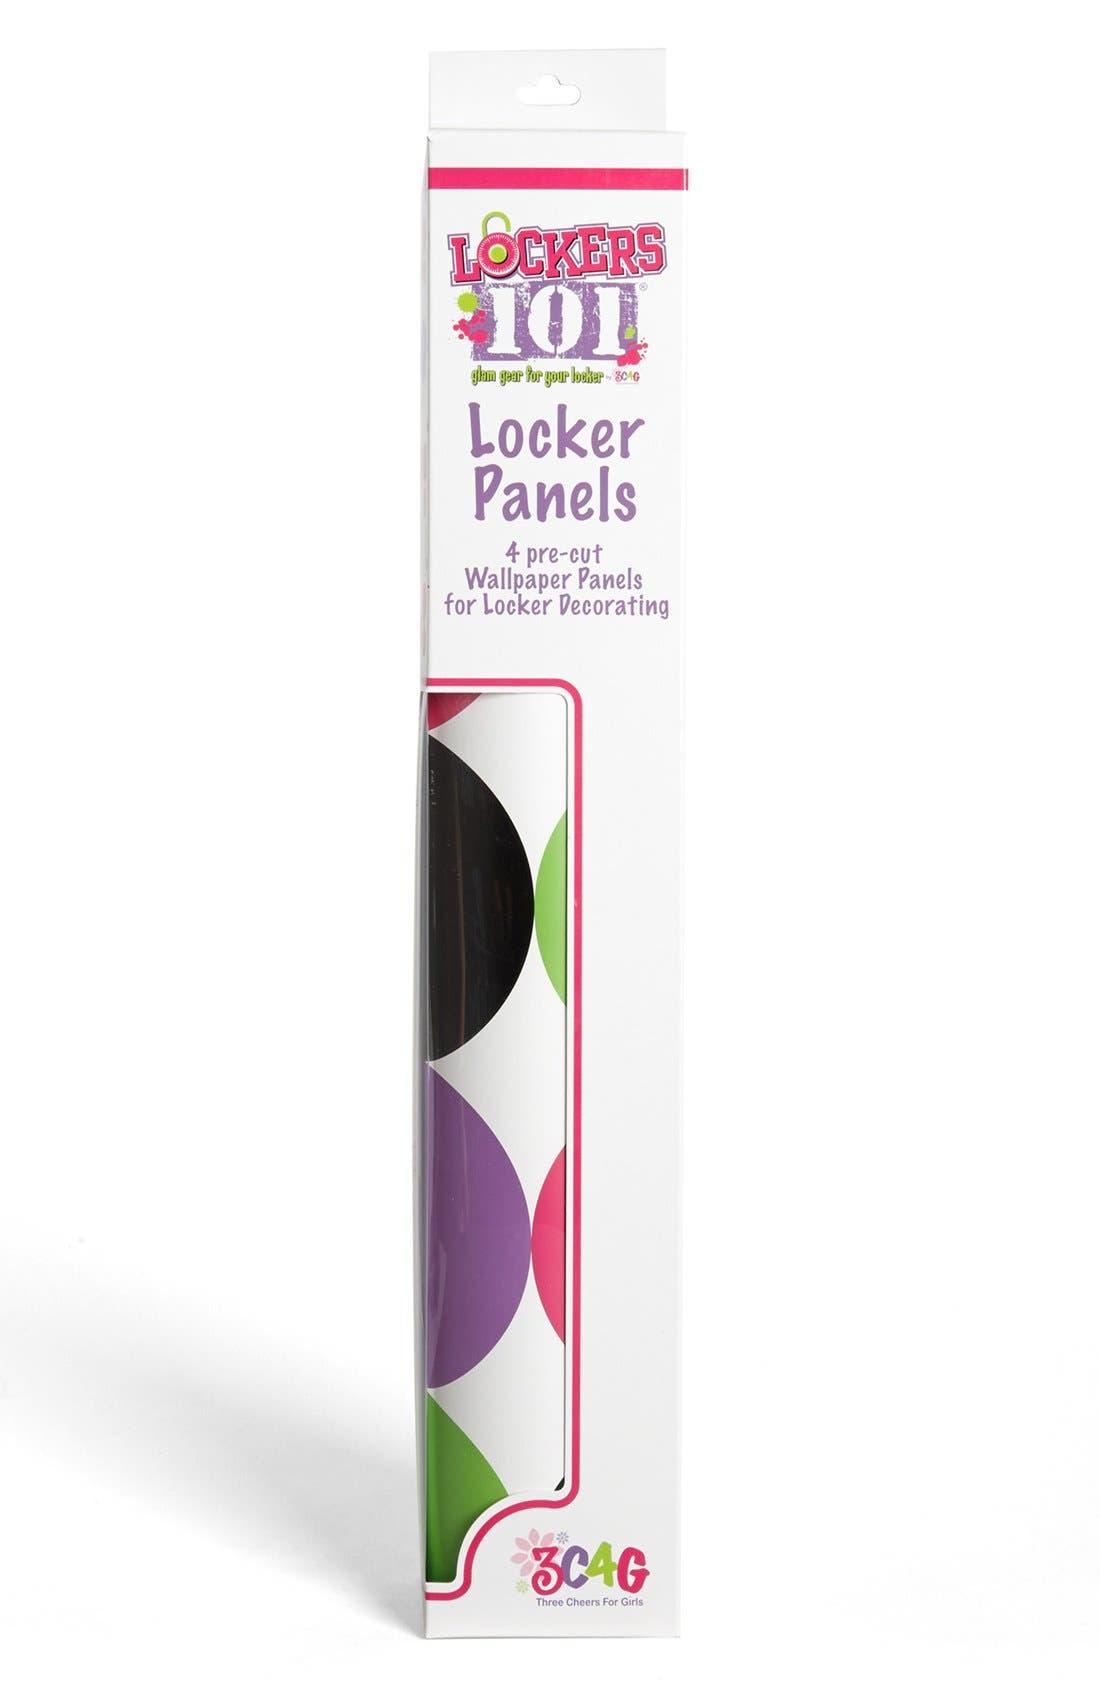 Alternate Image 1 Selected - 3C4G Locker-Sized Wallpaper Panels (Set of 4)